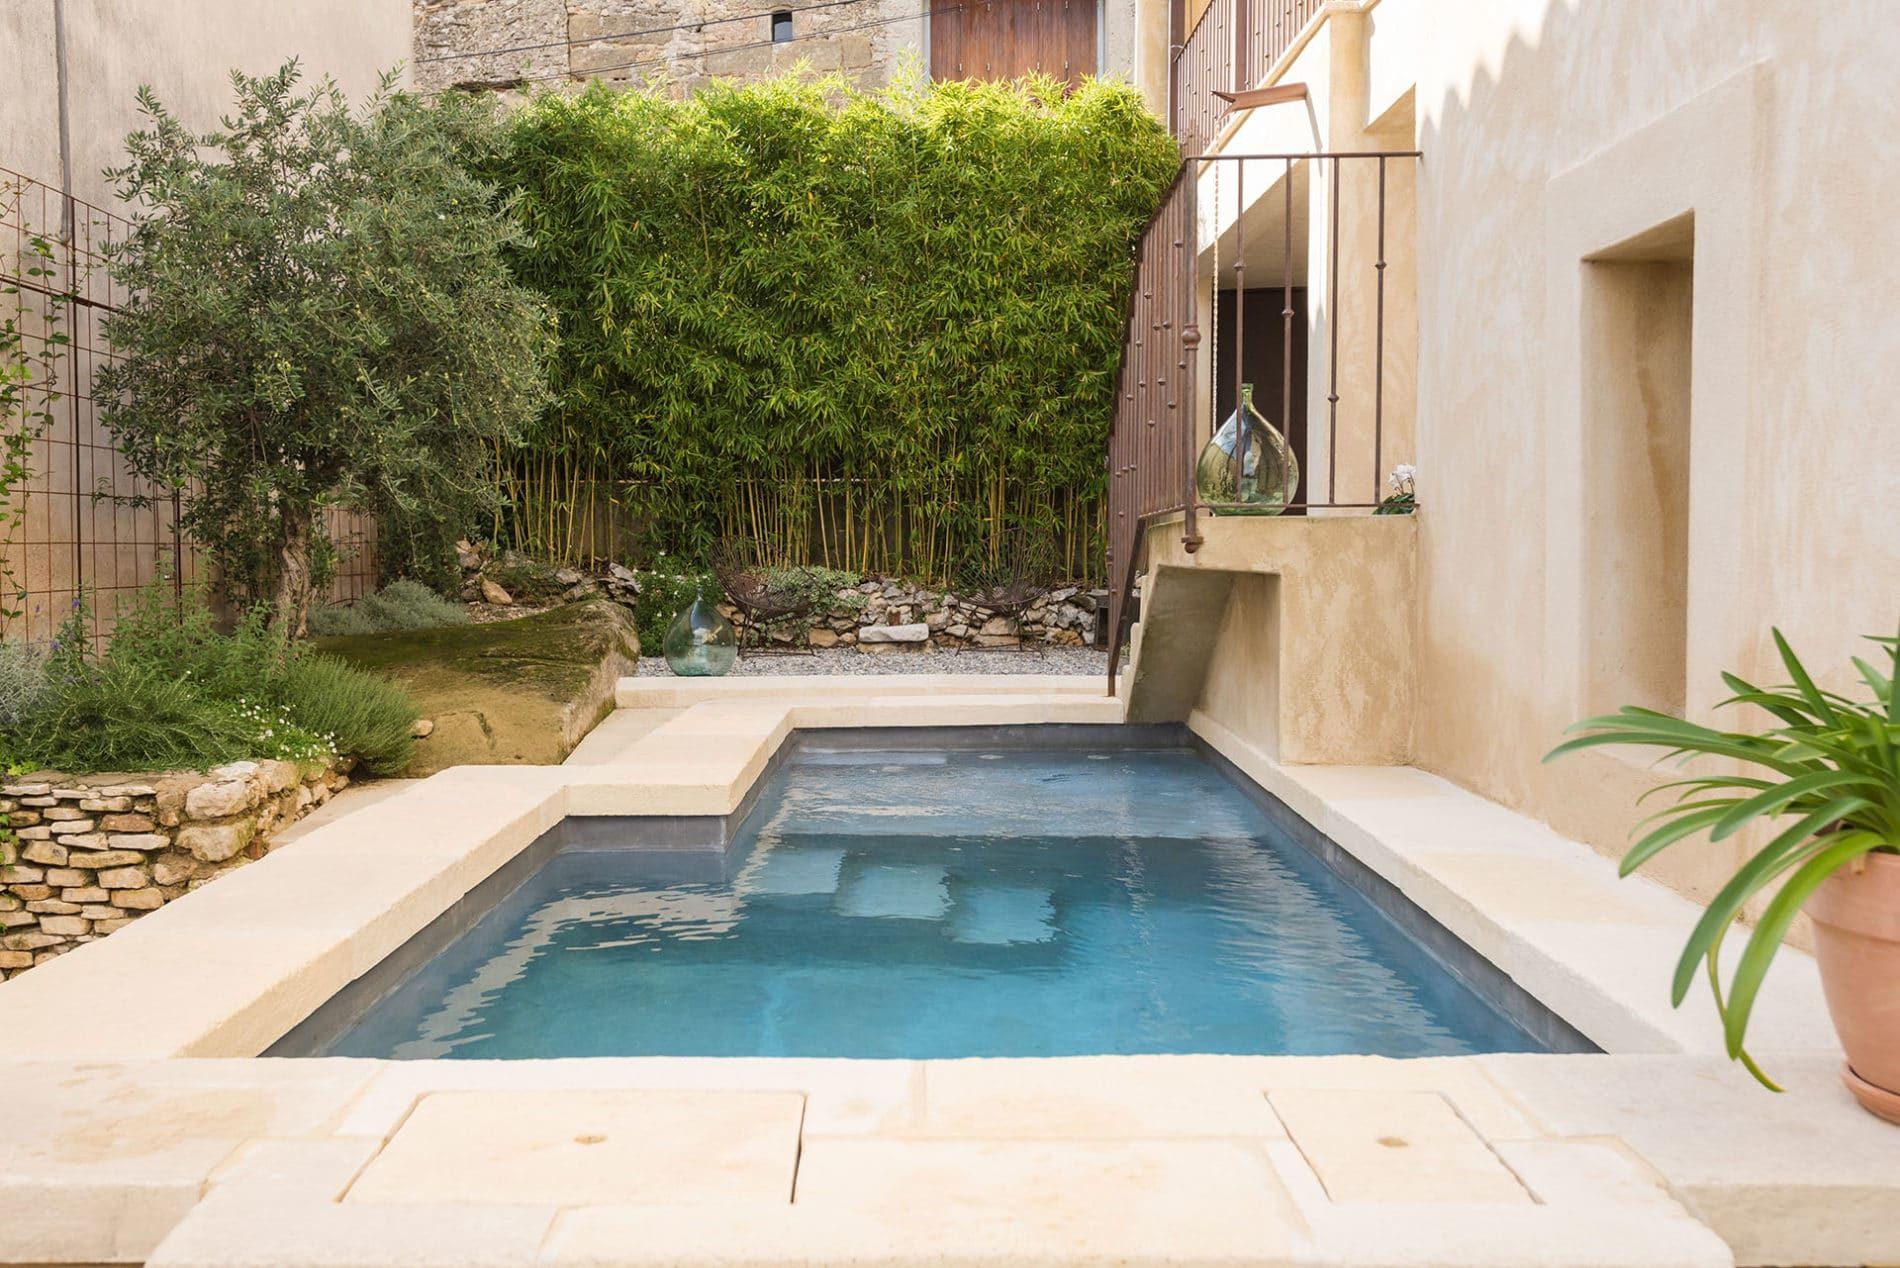 Comment aménager un petit jardin avec une mini piscine ...